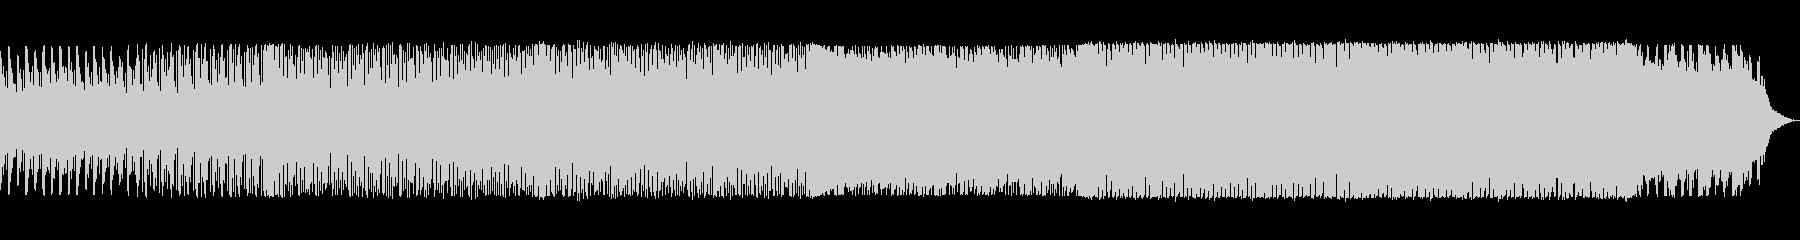 bpm121の地味で静かなテクノの未再生の波形